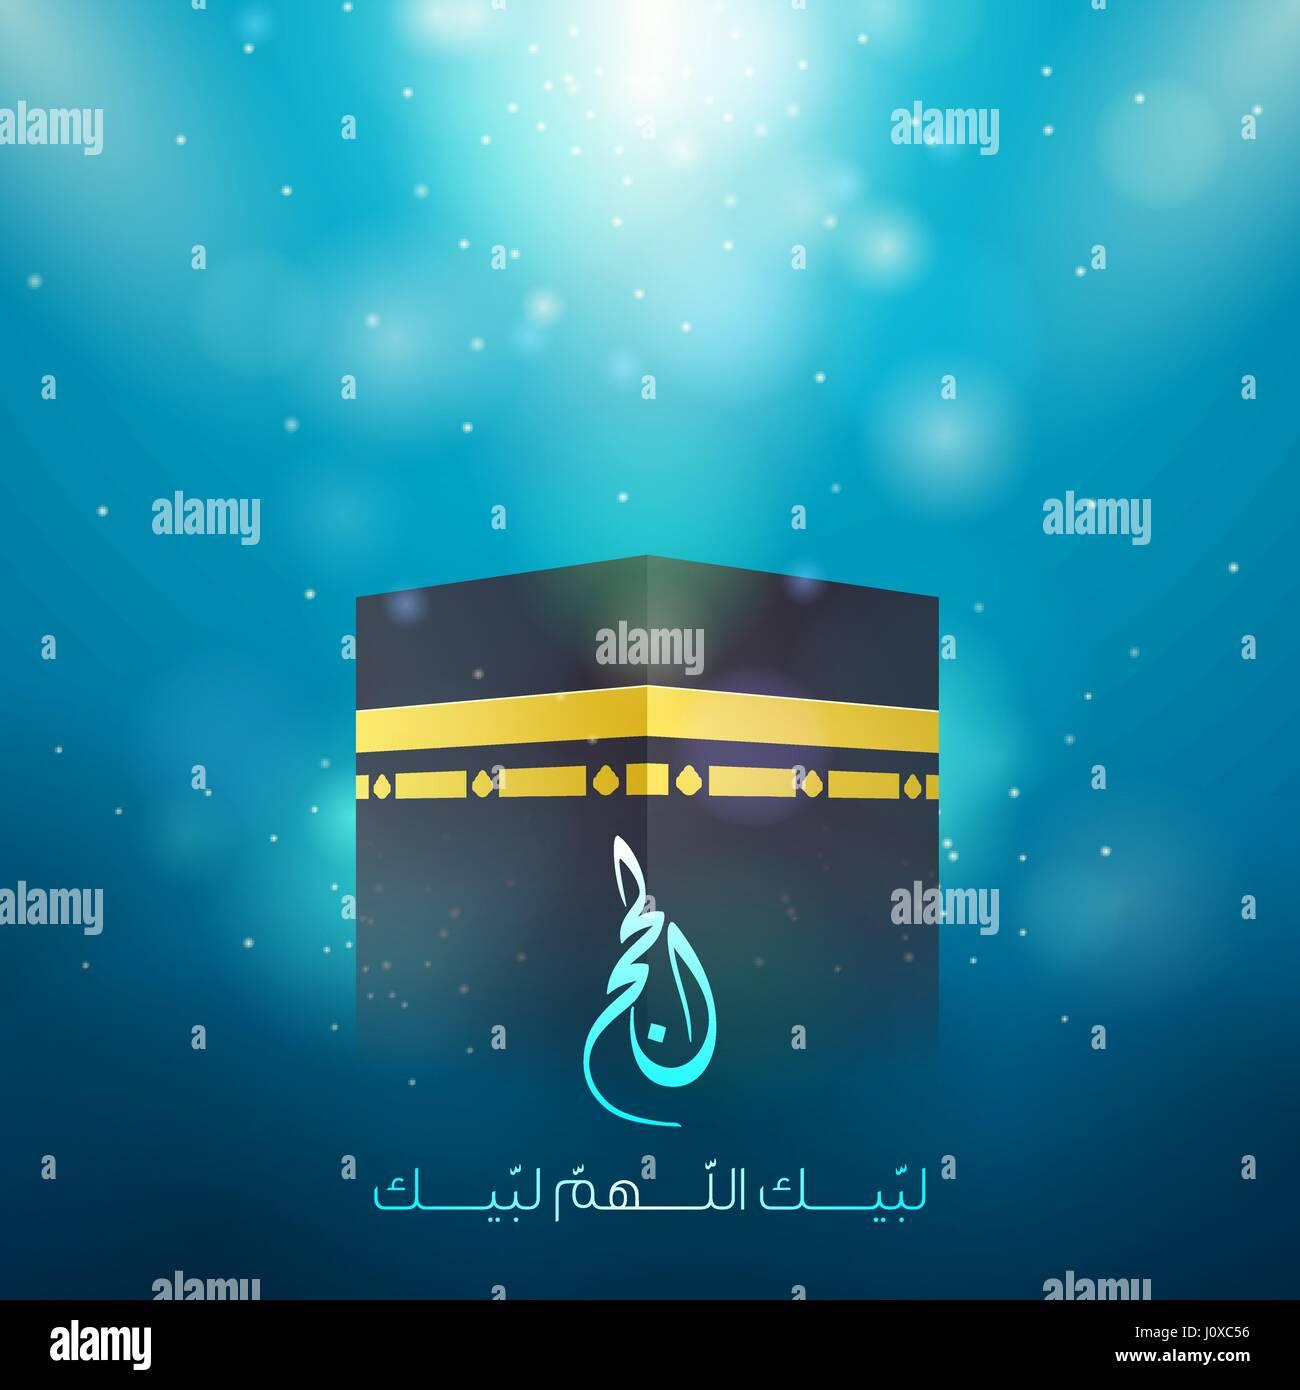 Hajj kaaba islamic eid greeting stock vector art illustration hajj kaaba islamic eid greeting m4hsunfo